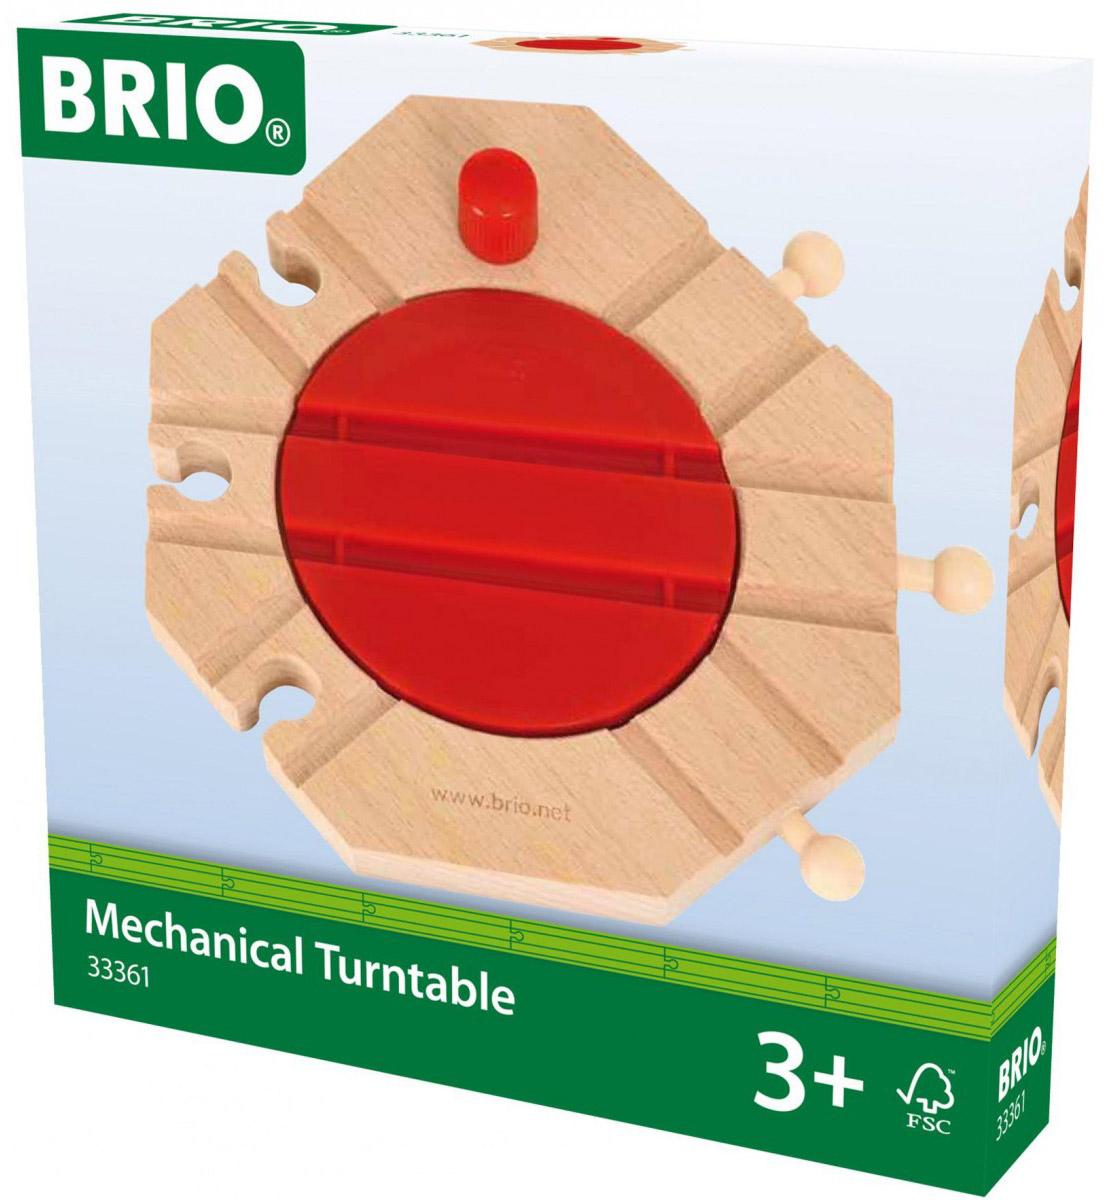 Brio Механический перекресток для железнодорожного полотна33361Механический перекресток железной дороги Brio оснащен механизмом для вращения (360 градусов), который изменяет направление движения железнодорожных поездов. Лучше всего использовать перекресток для изменения направления движения паровозов Brio.